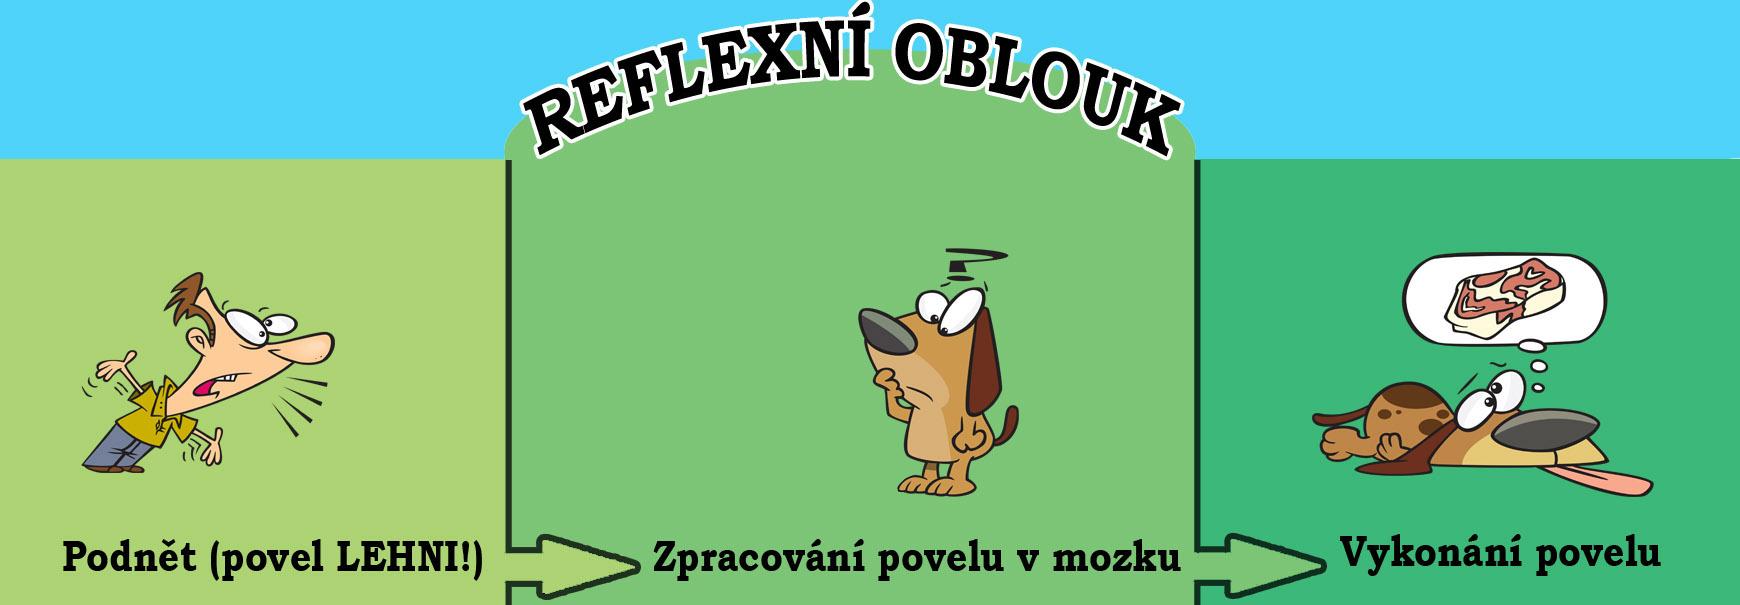 Reflexní oblouk psa – co to vlastně je?